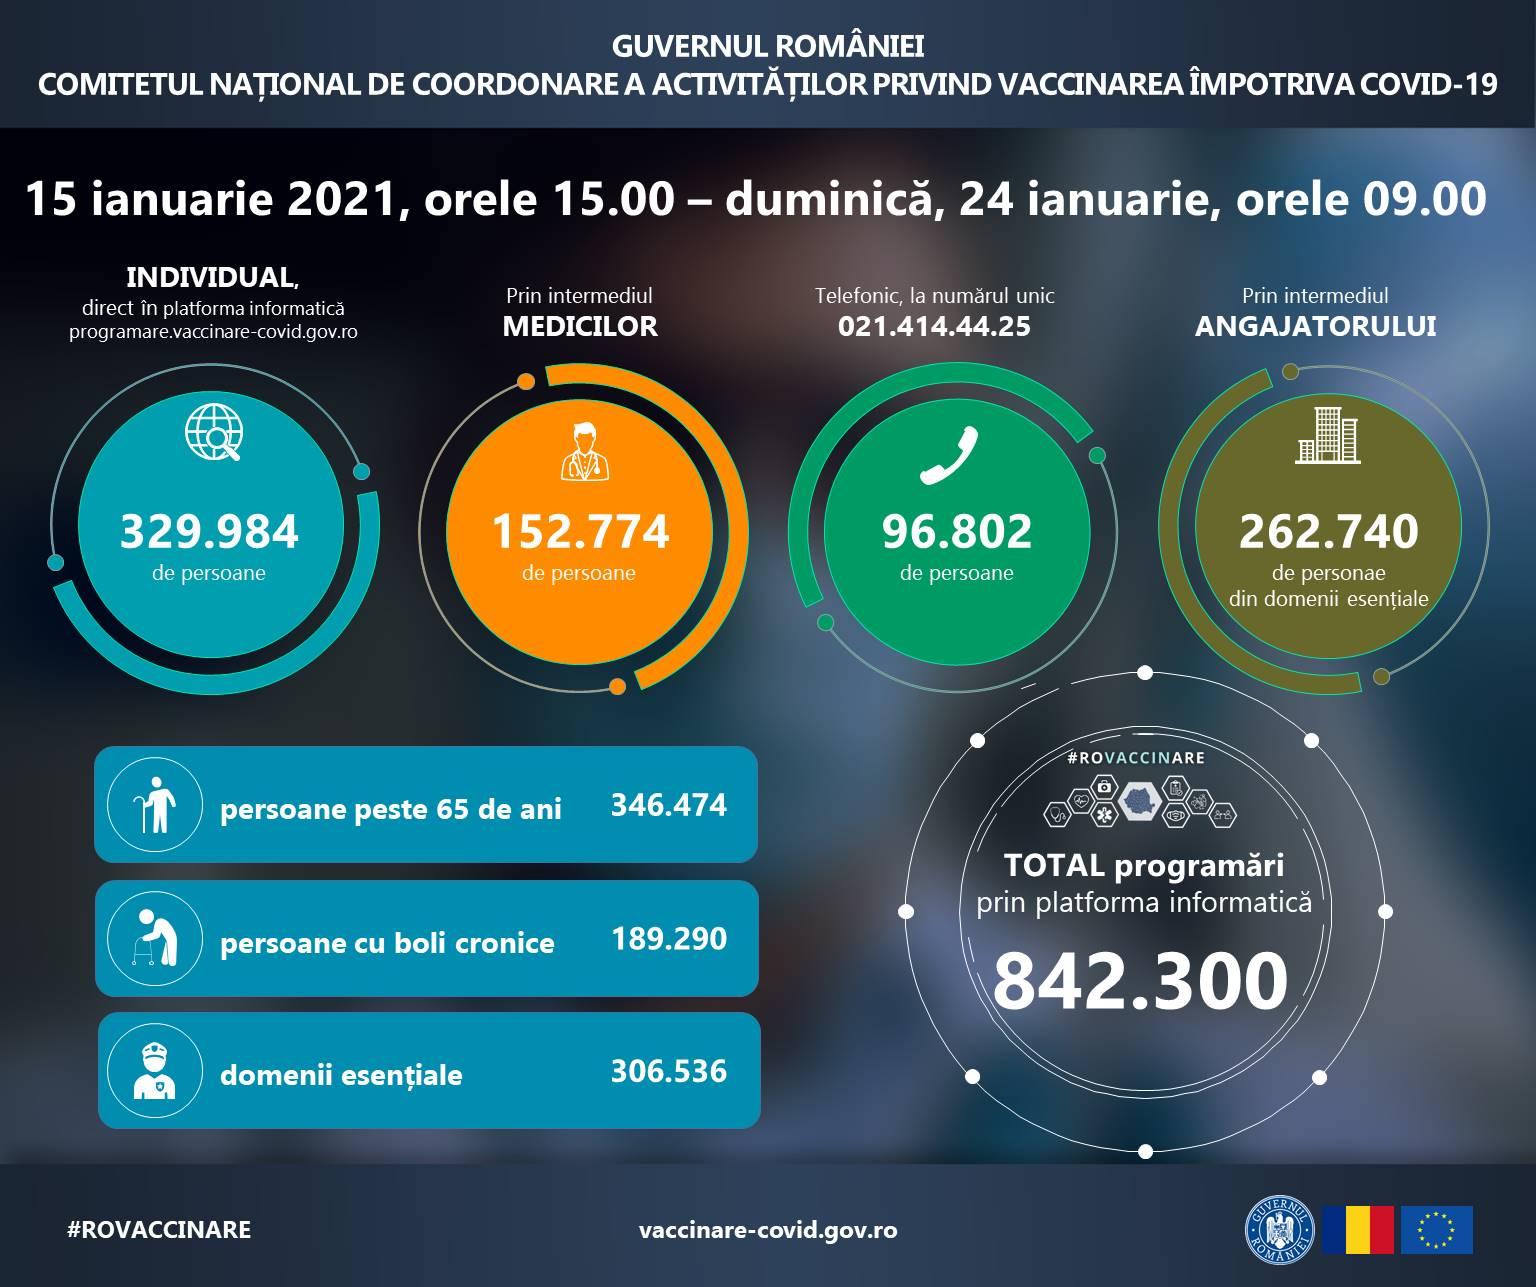 842 300 de persoane s-au programat până duminică, 24 ianuarie, pentru vaccinarea antiCOVID